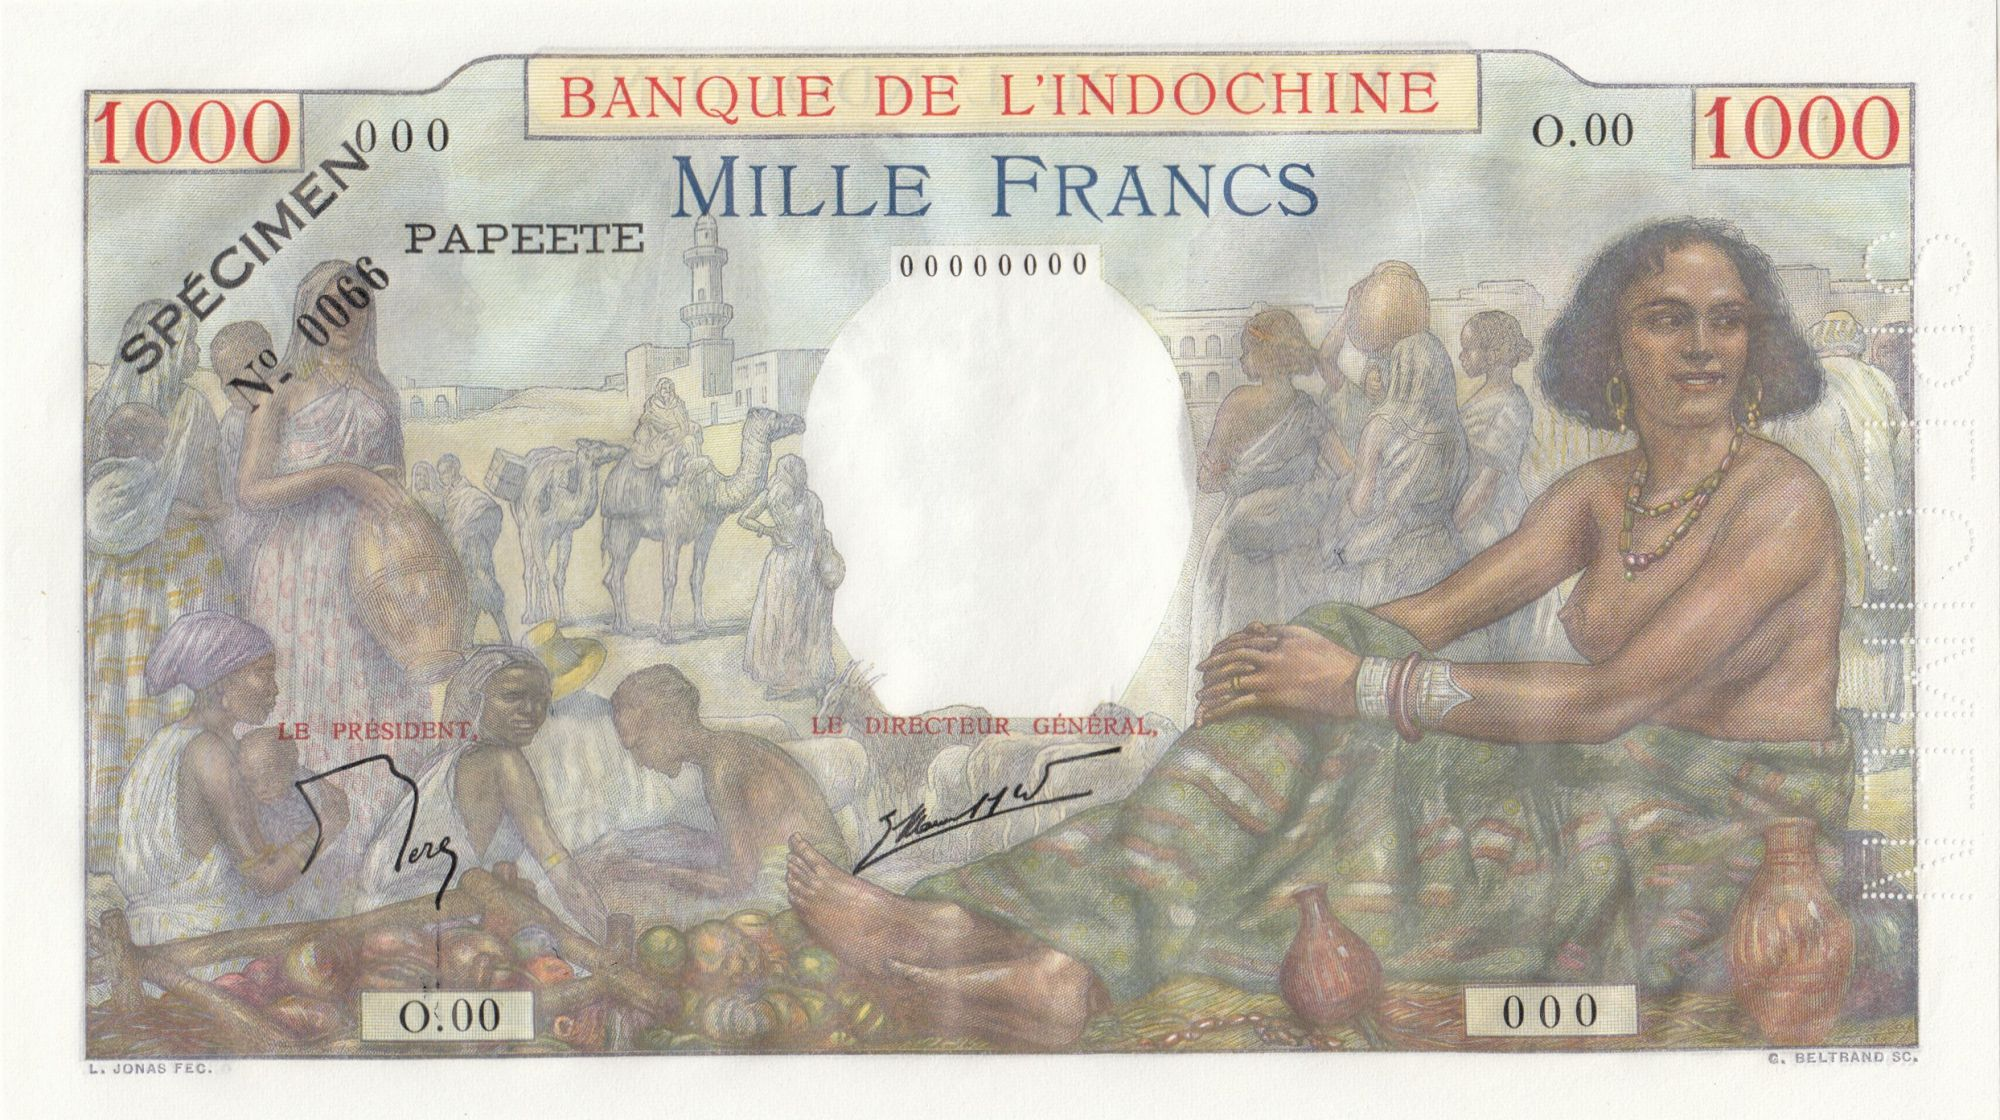 Tahiti 1000 Francs Scène de marché - 1957 - Série O.00 - Spécimen n°0066 - NEUF